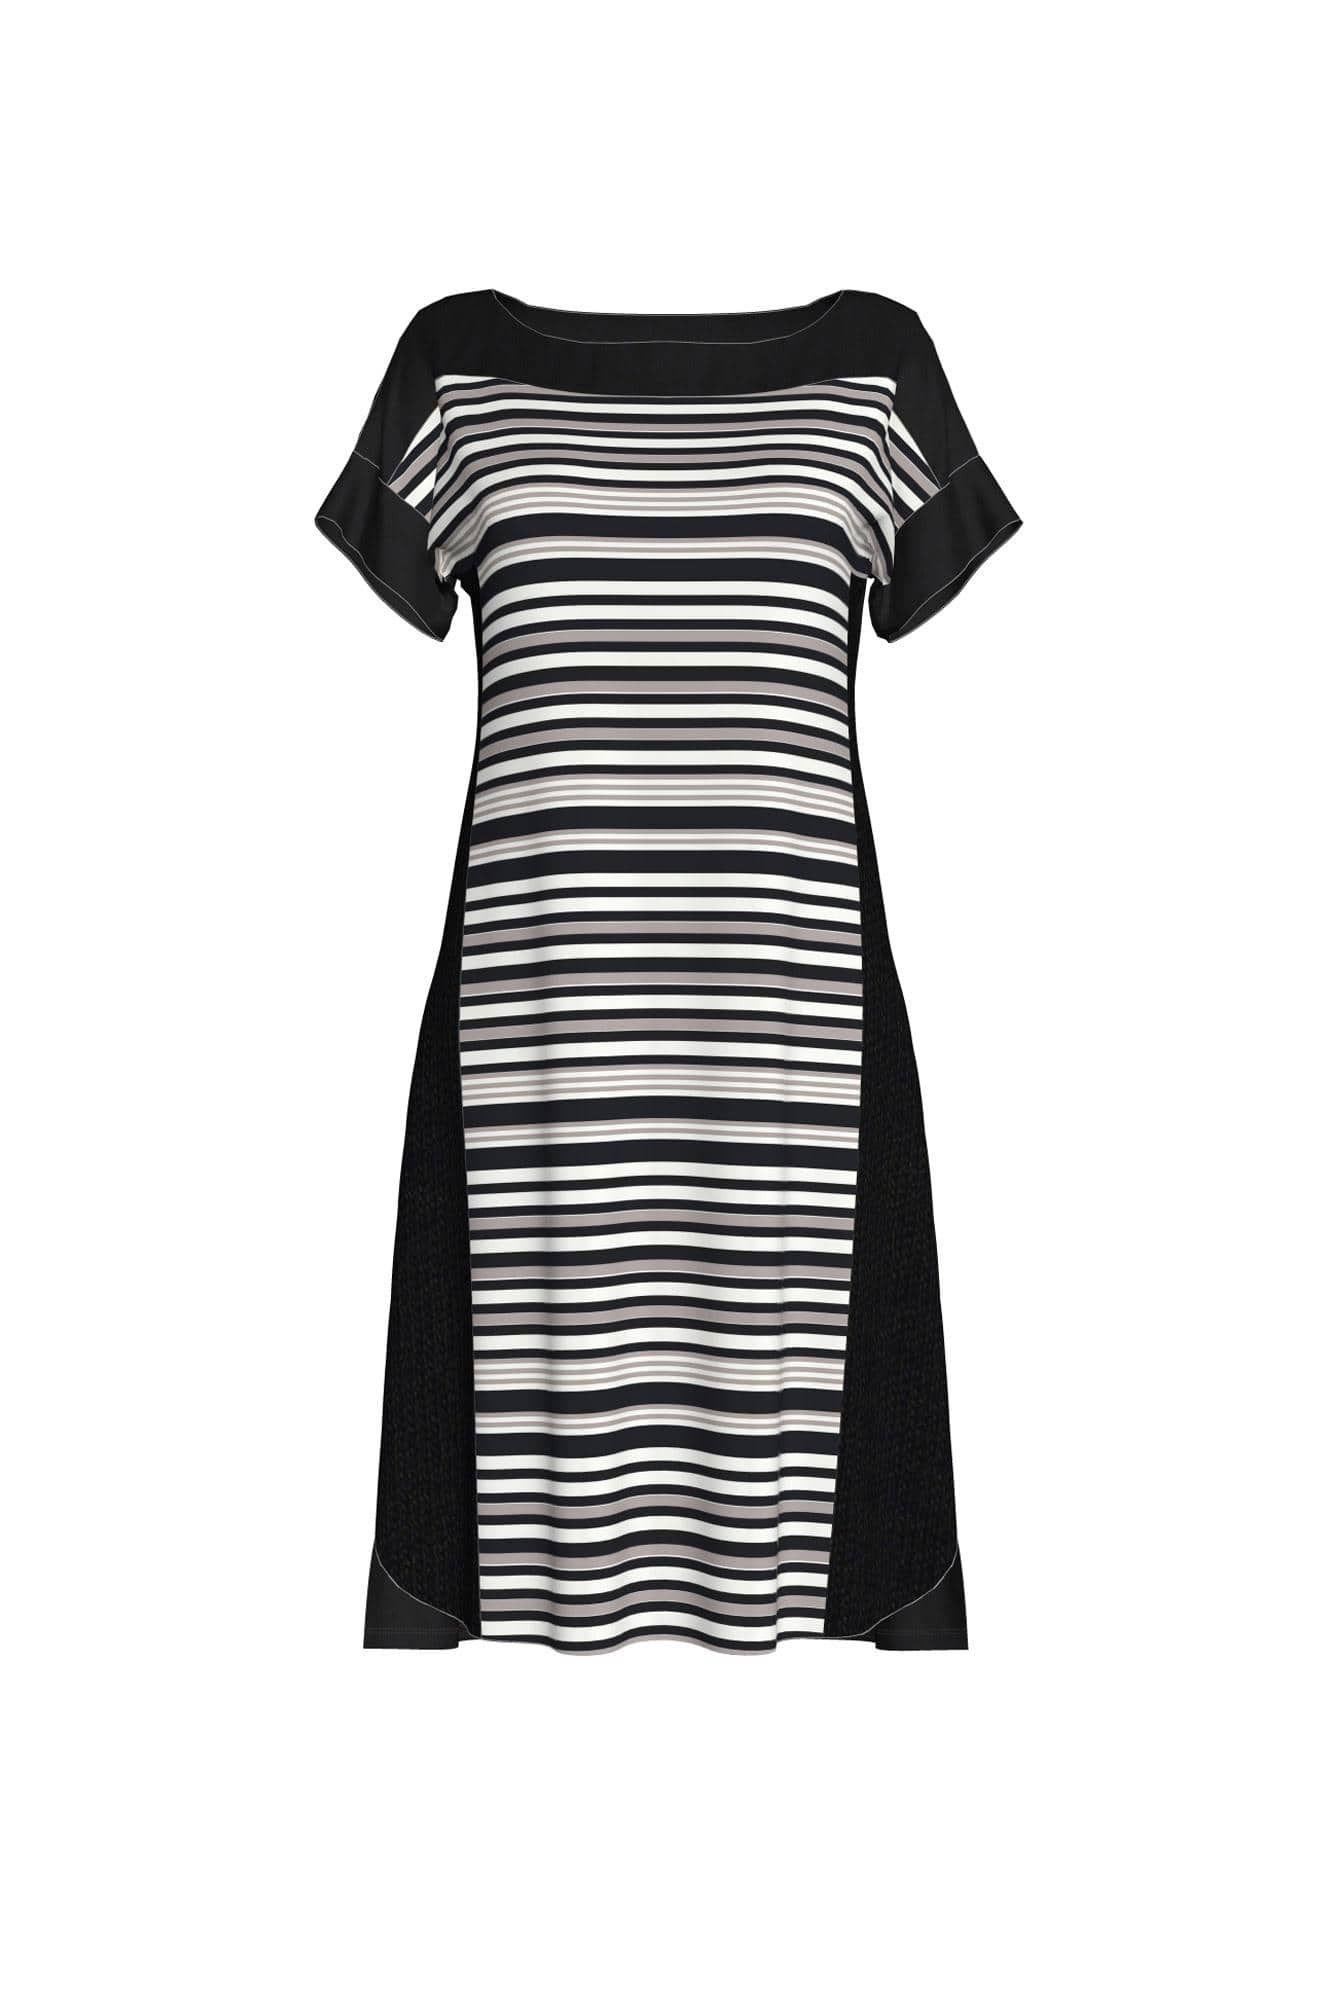 Γυναικείο Φόρεμα Παραλίας Ριγέ